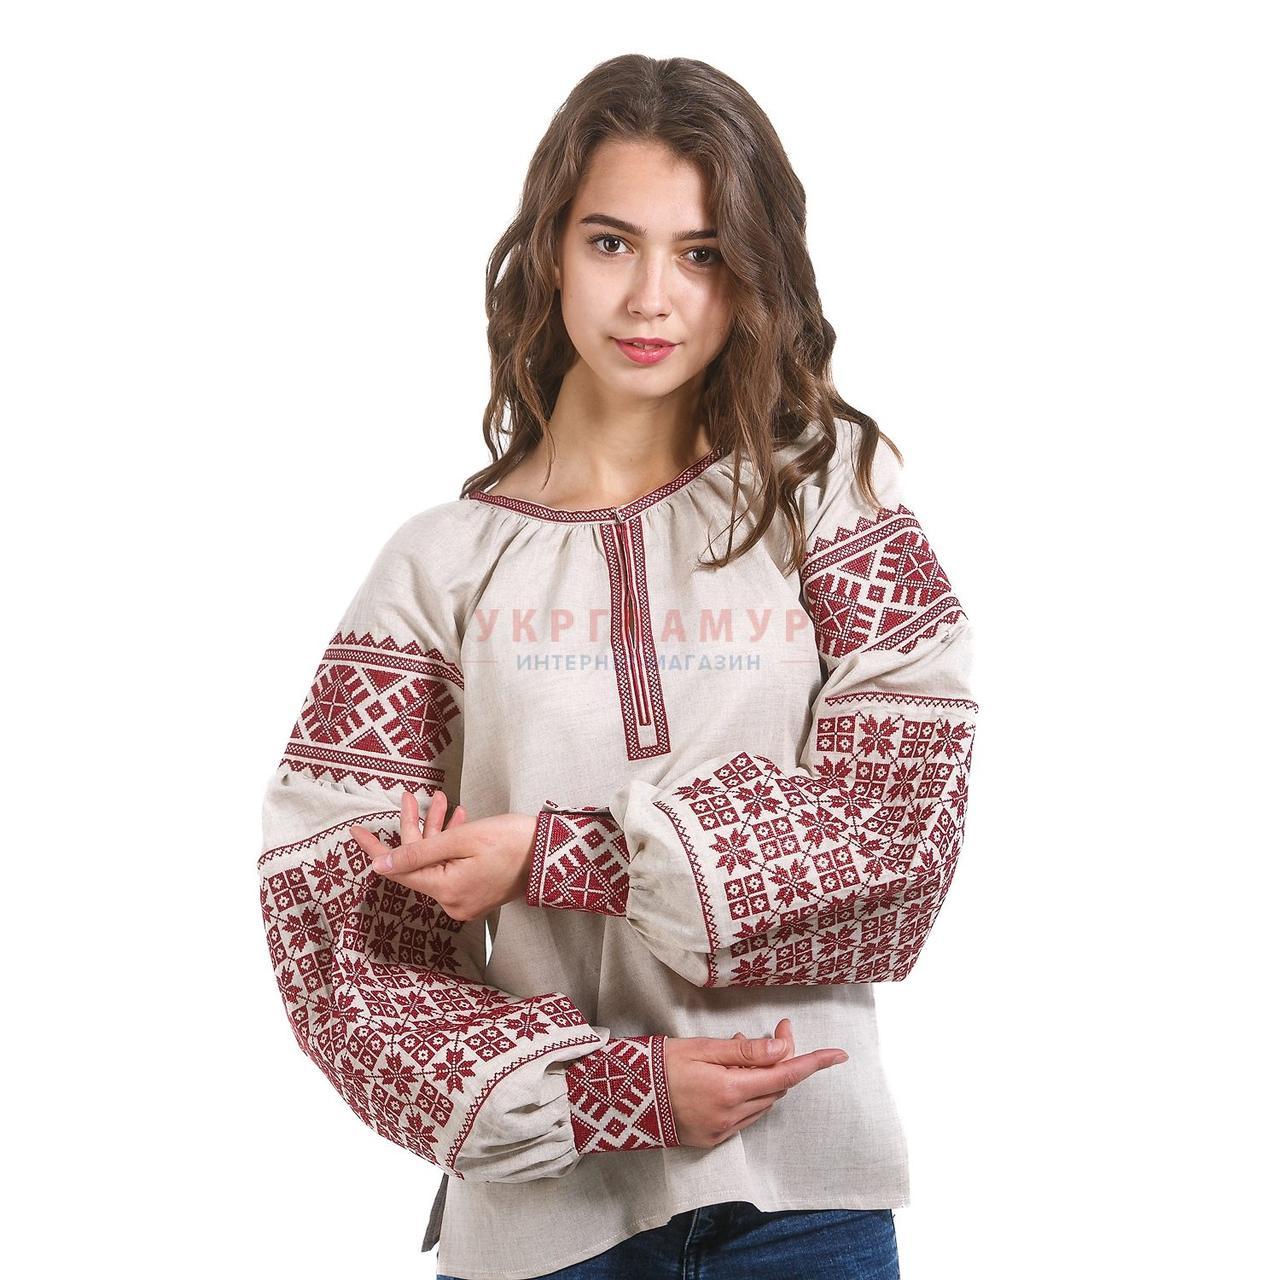 Женская серая вышитая рубашка с красным орнаментом